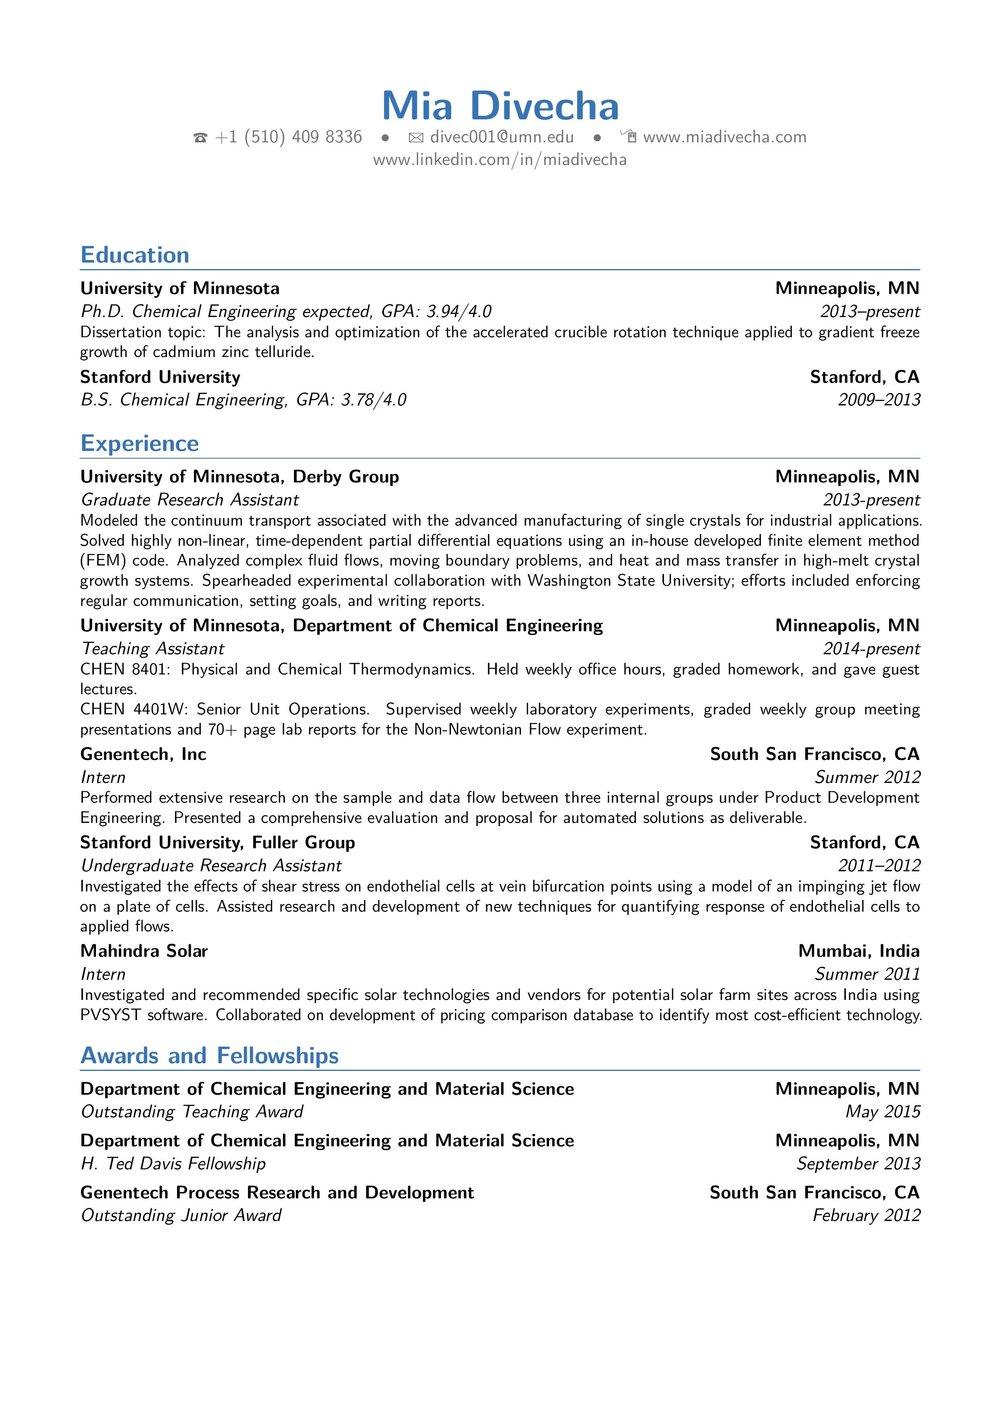 CV tips for graduates